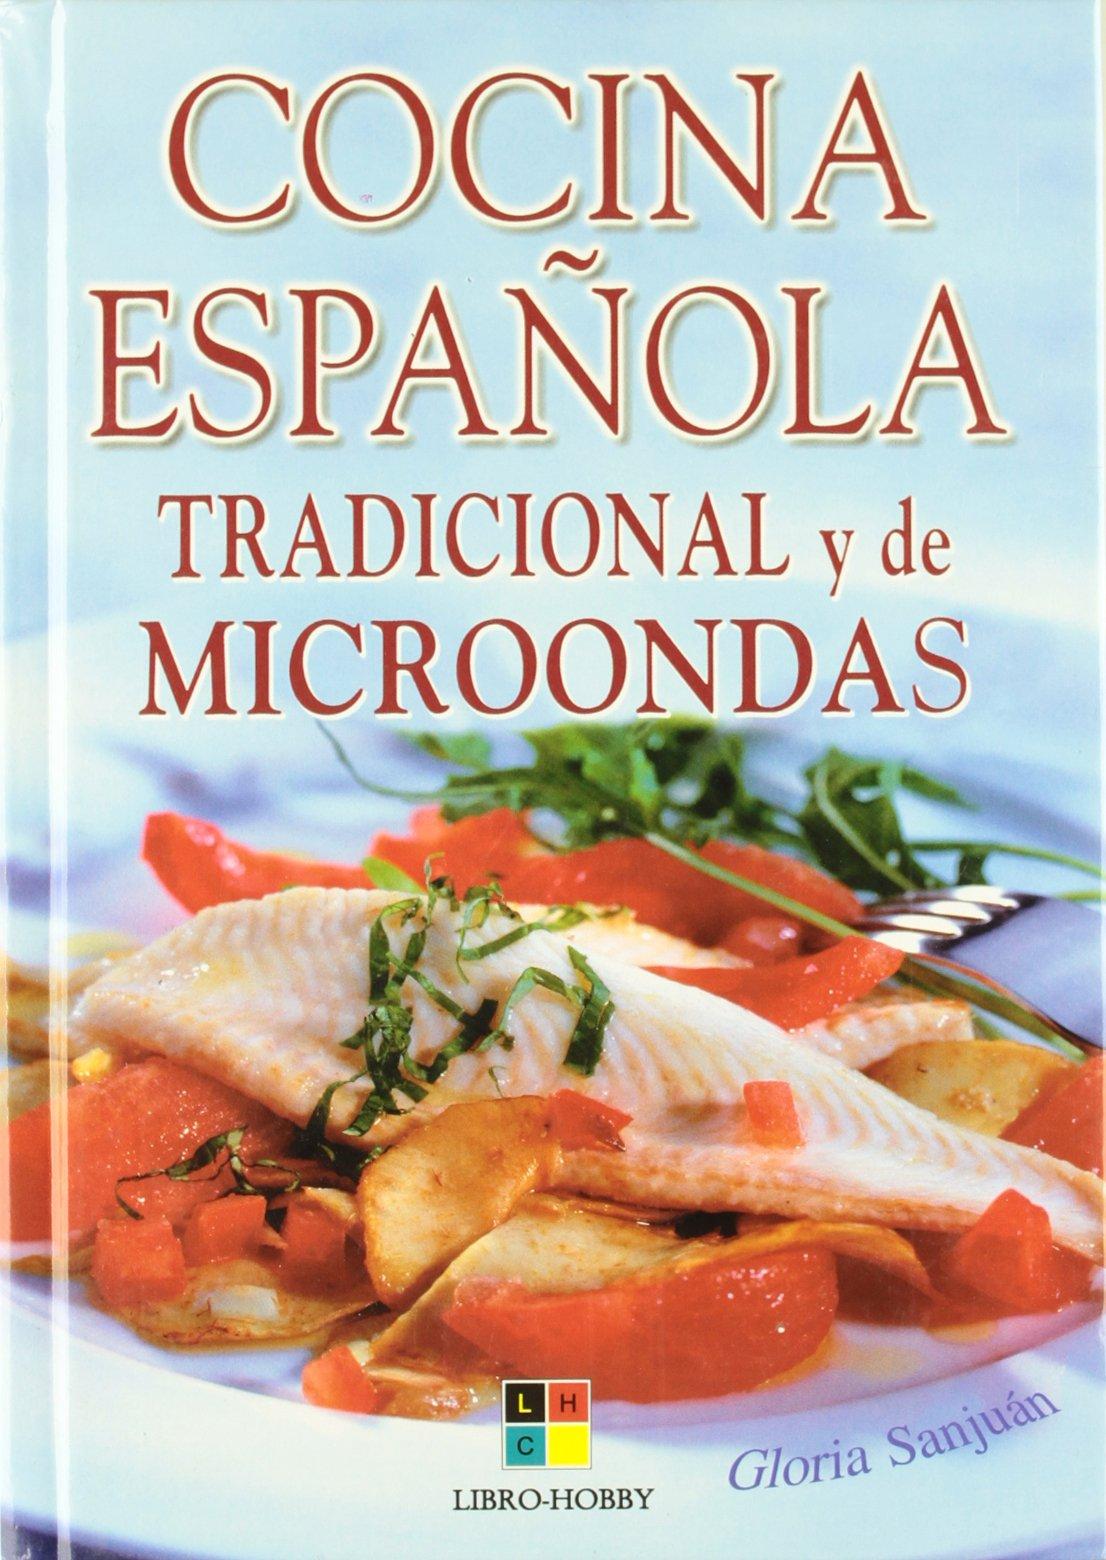 Cocina Espanola Tradicional y de Microondas (Spanish Edition ...